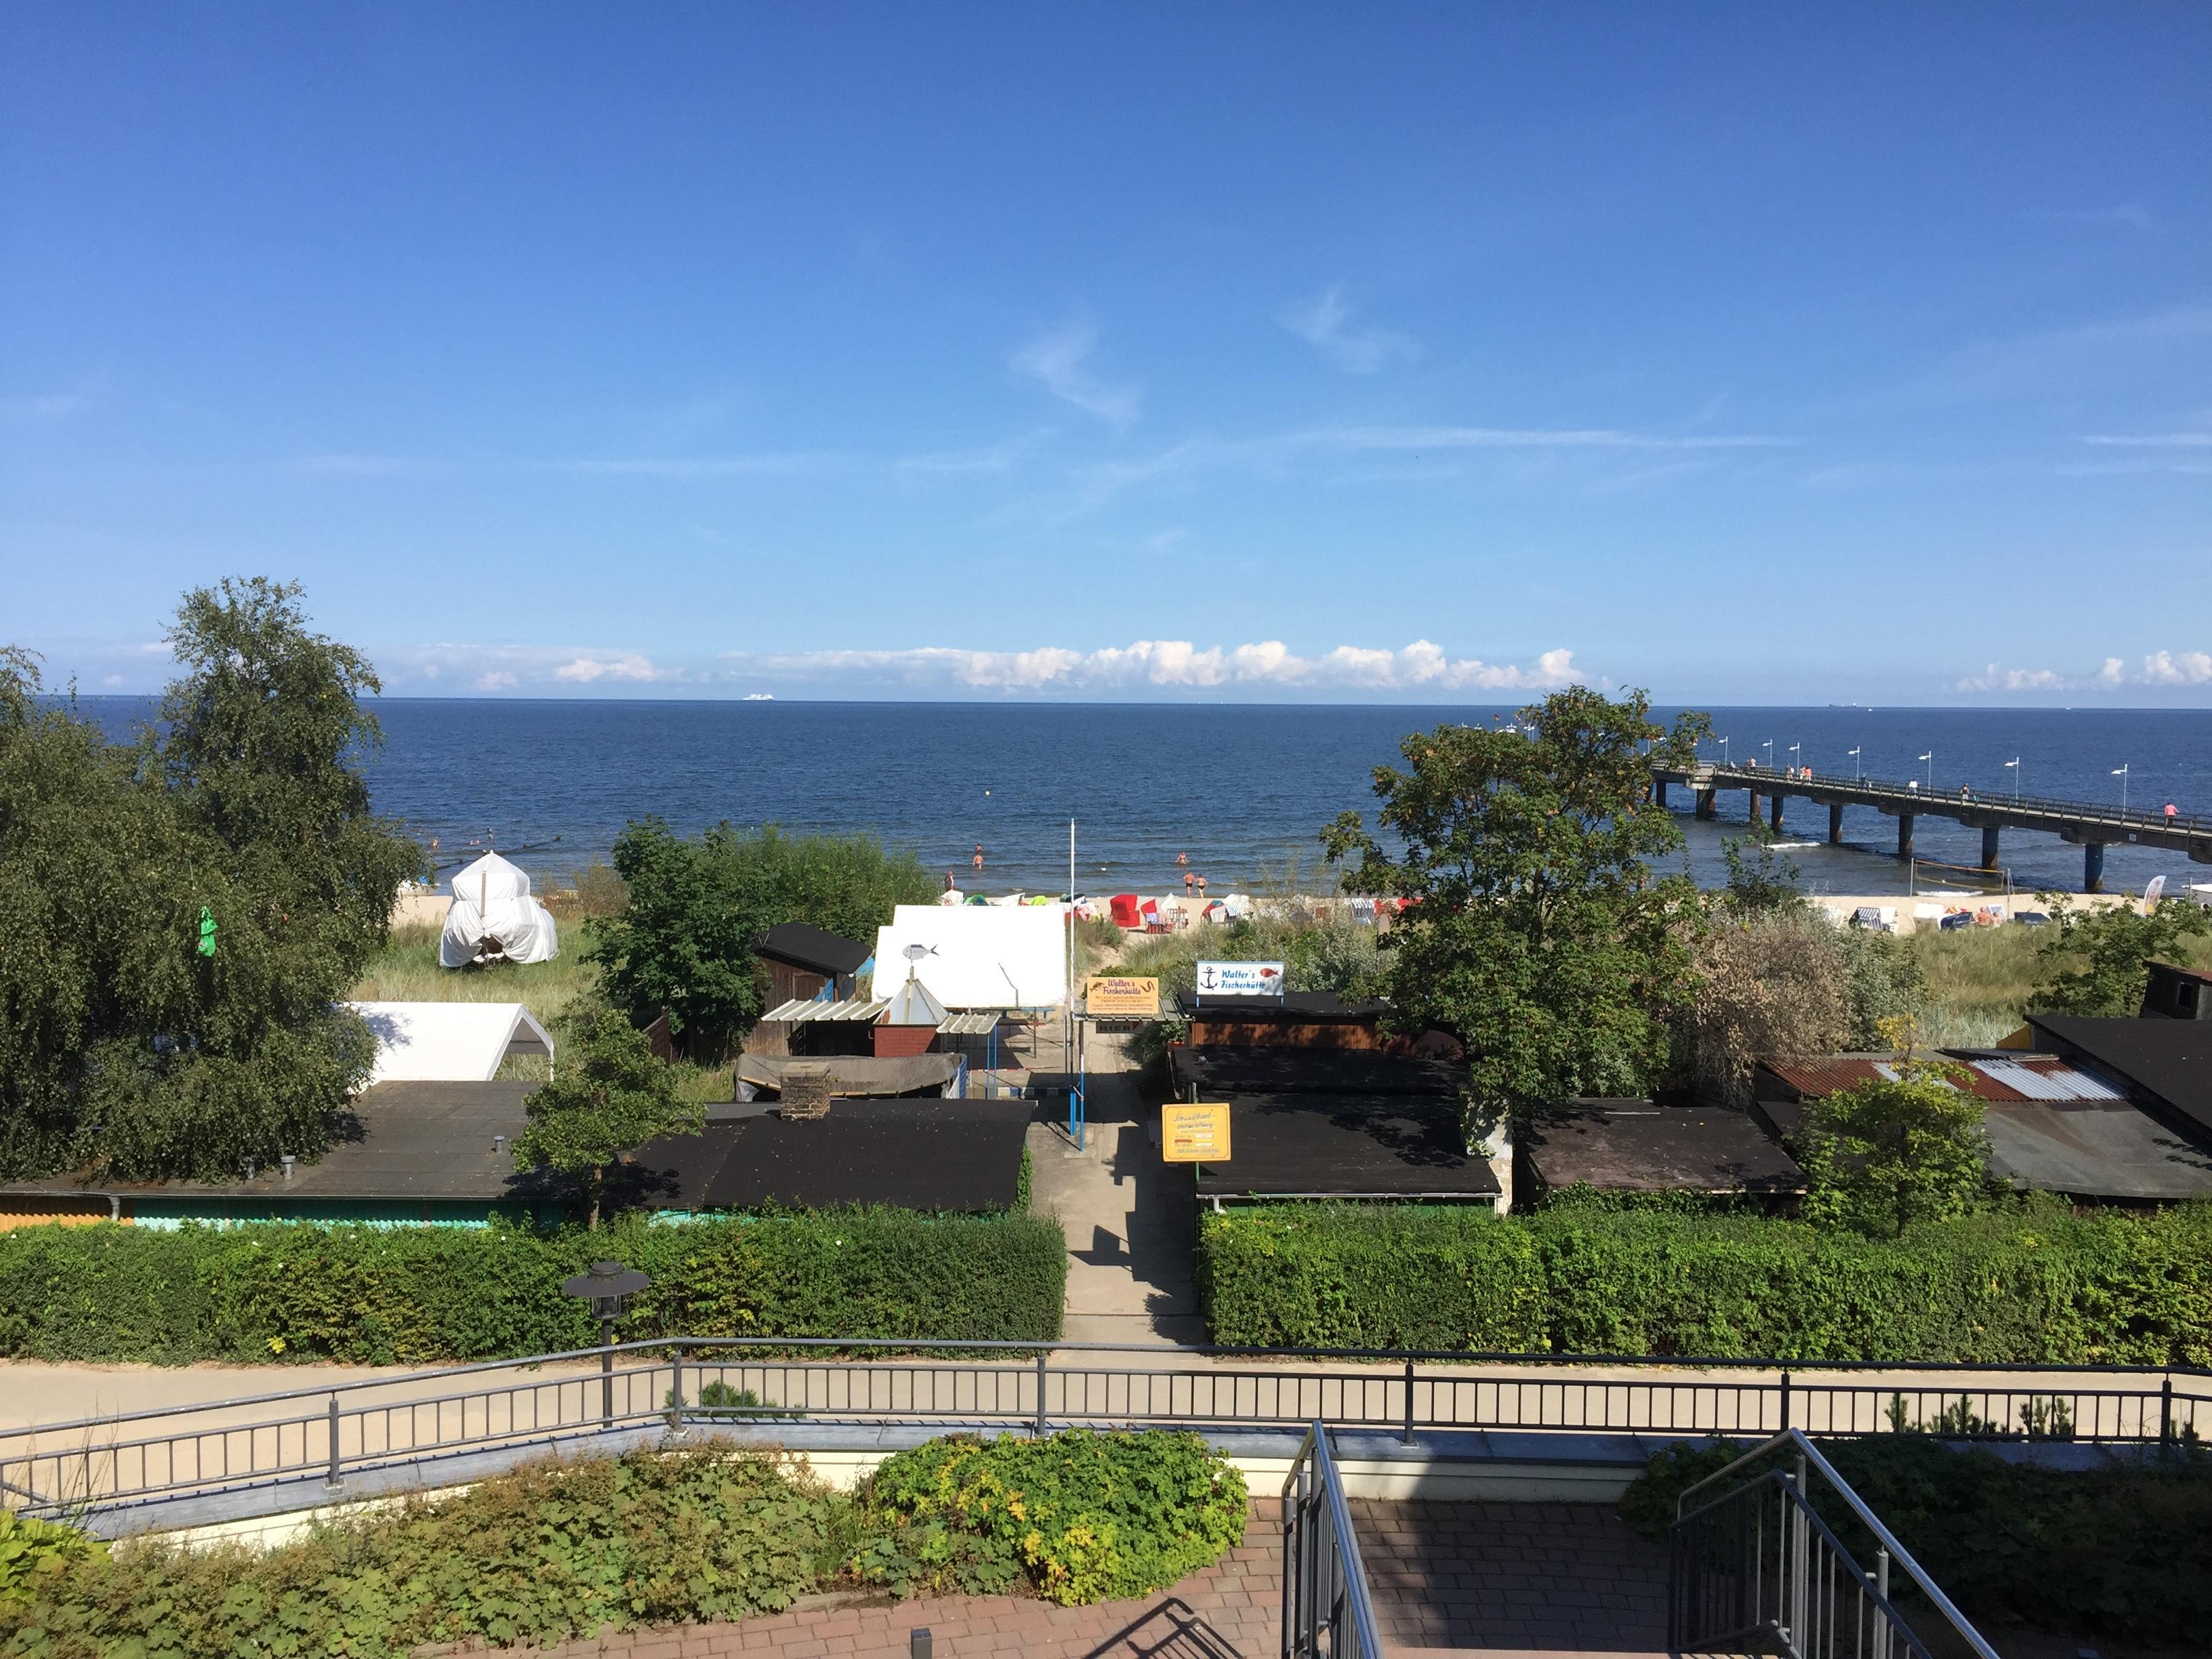 Ausgang hinten zur Ostsee